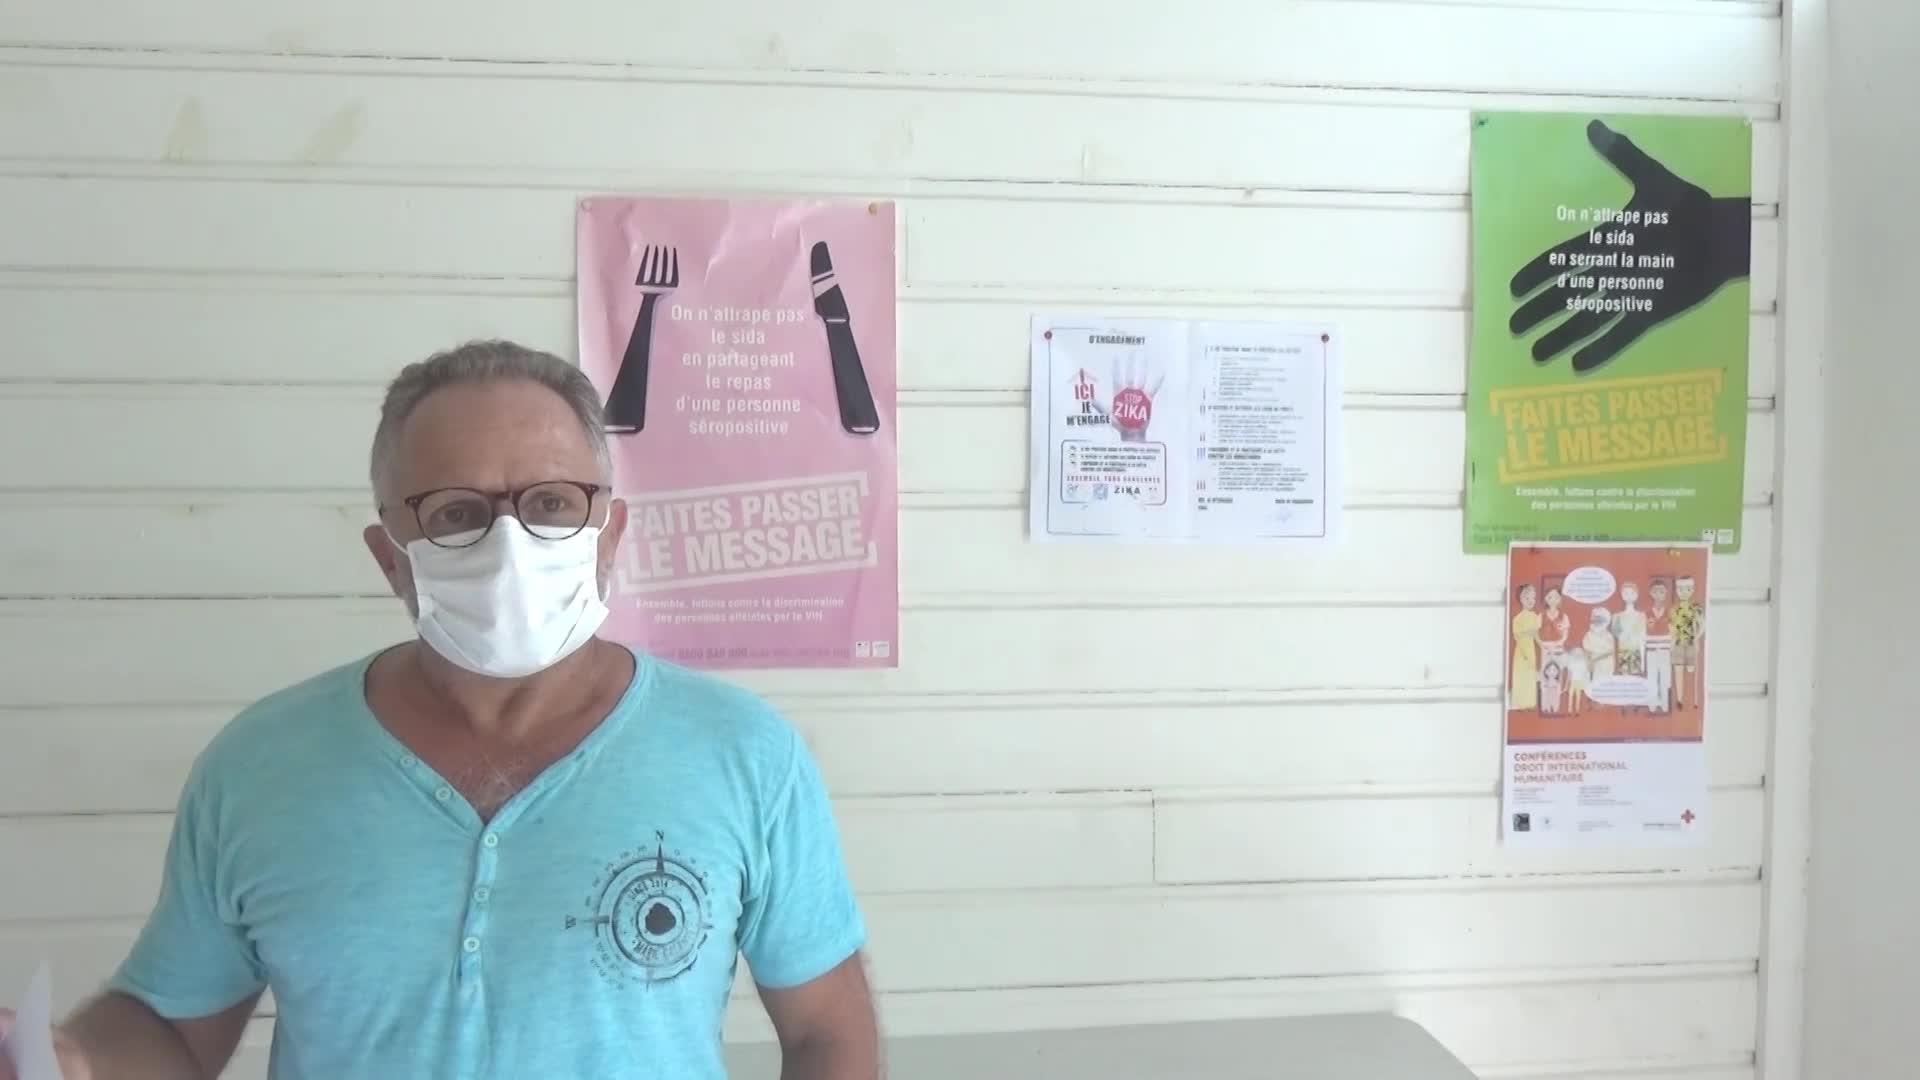 Les mesures sanitaires à Marie Galante : interview exclusive du Dr CATTONNI